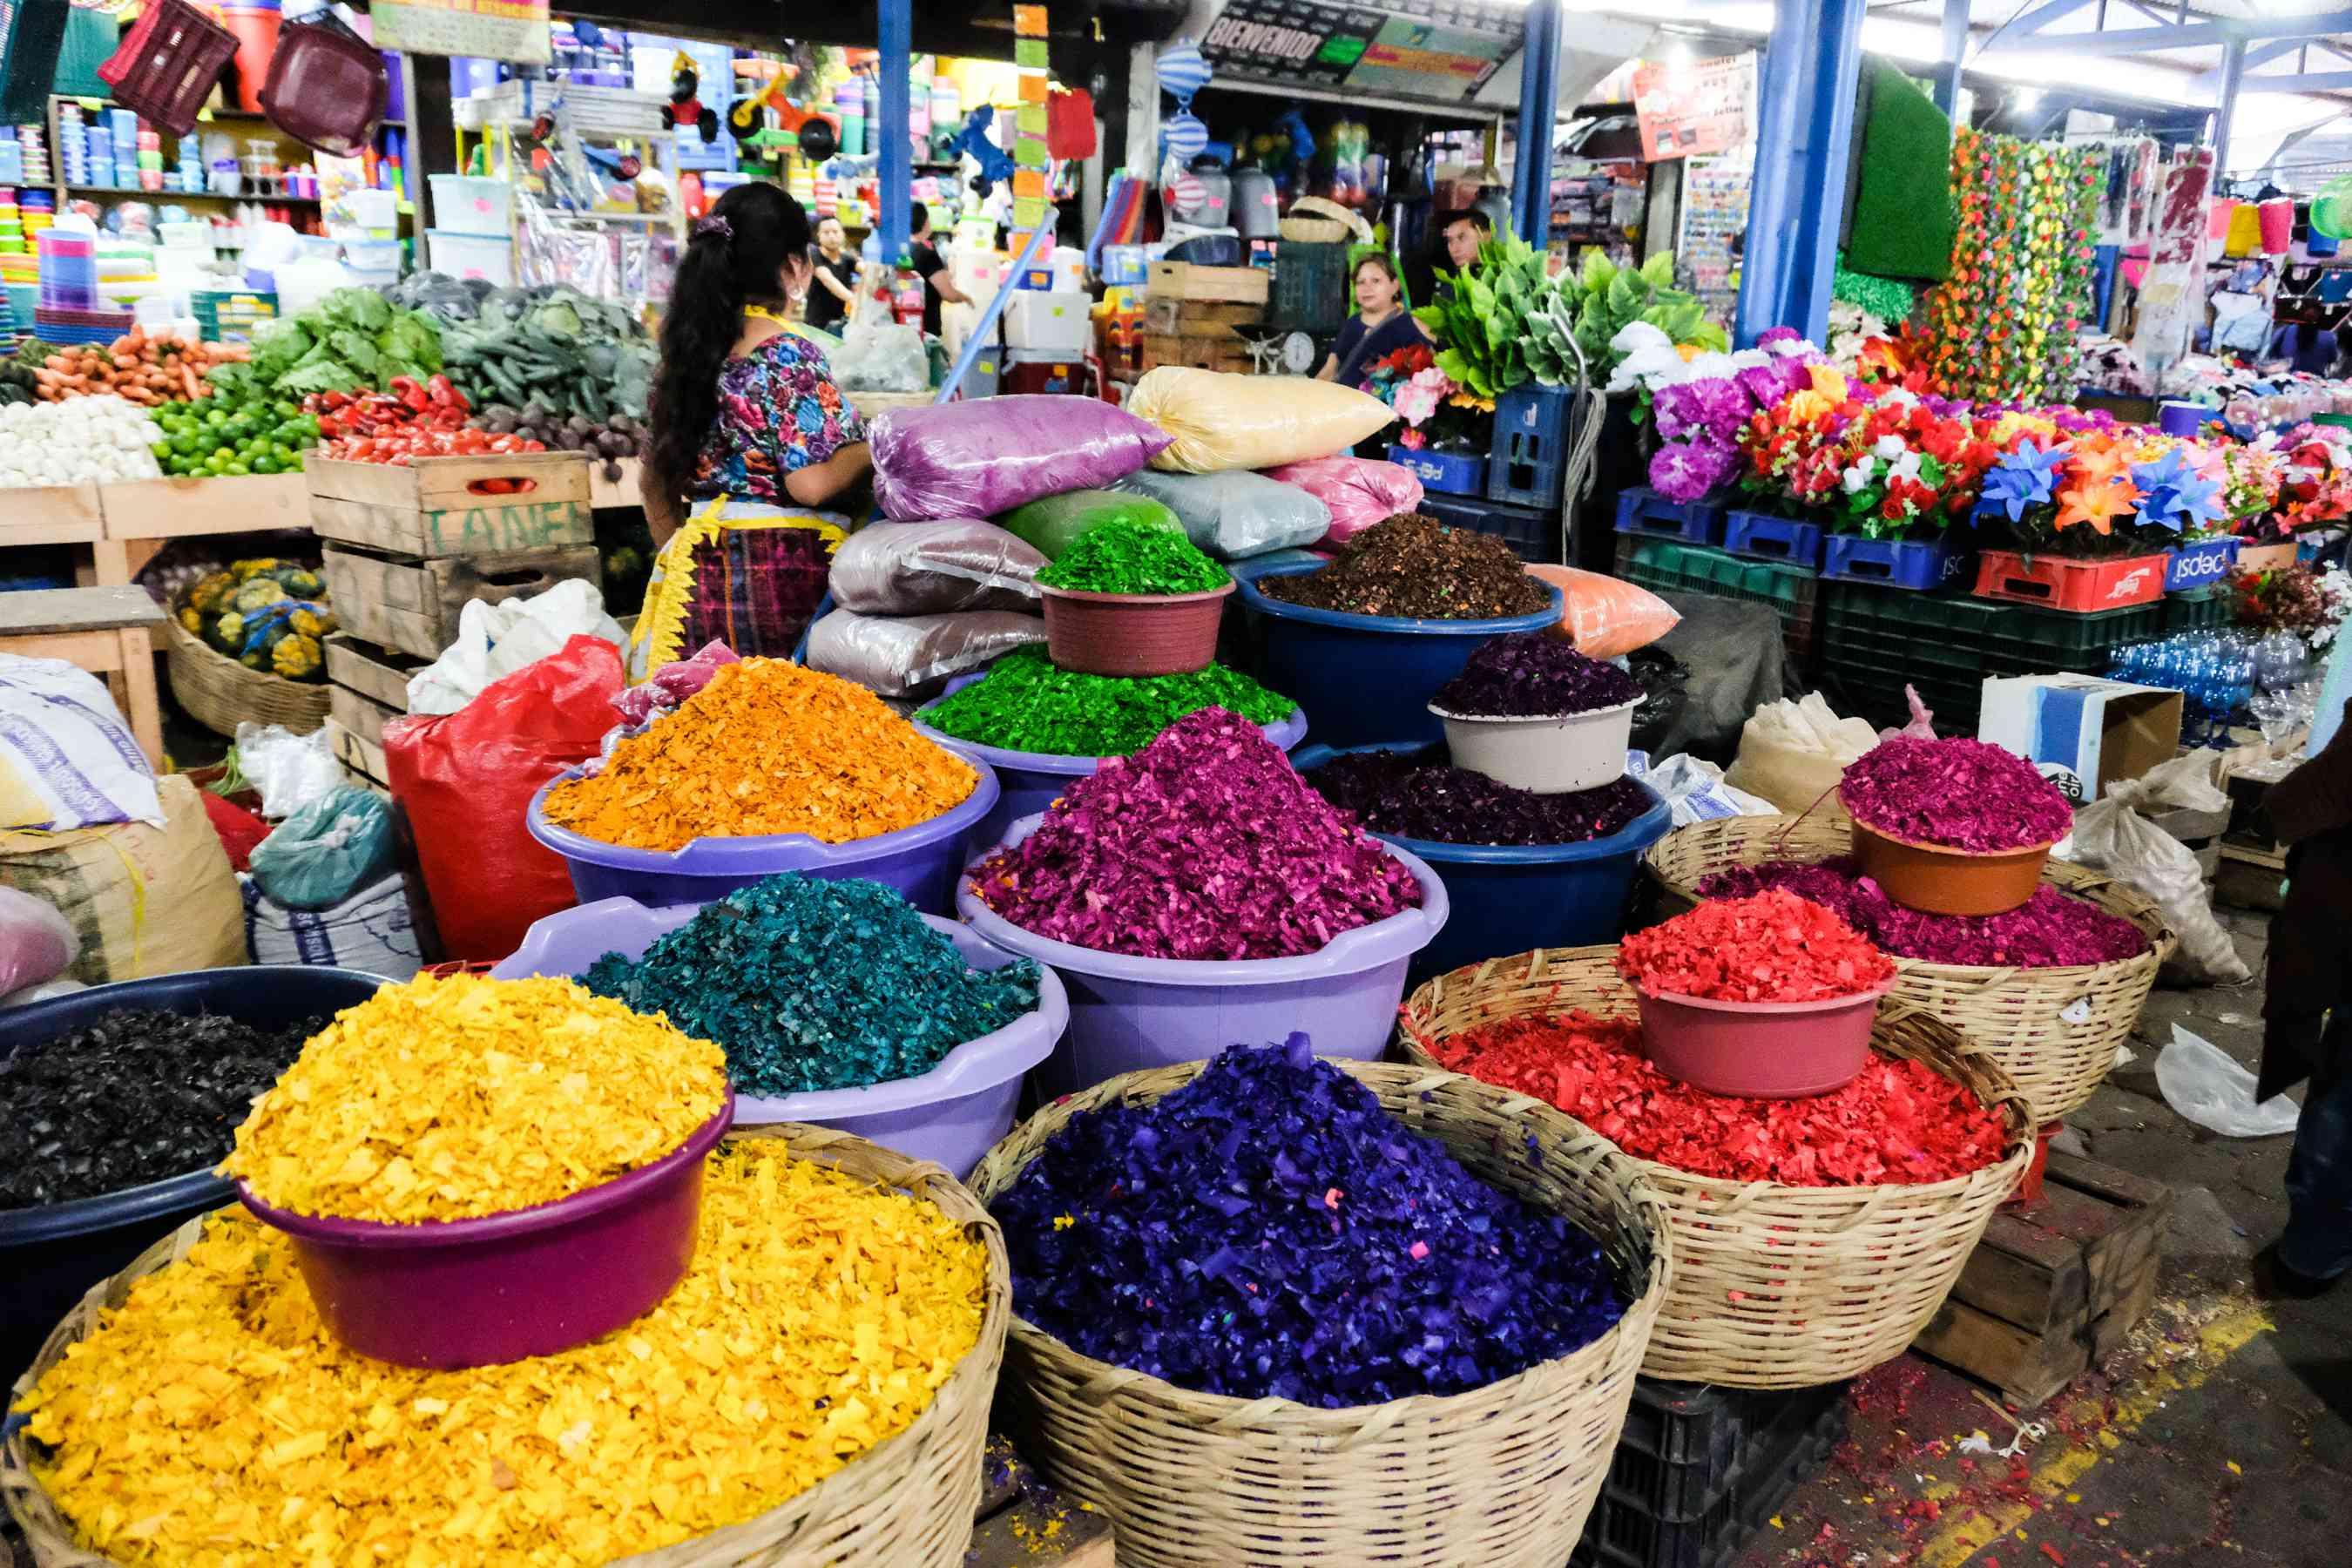 Vendors at a market in Antigua